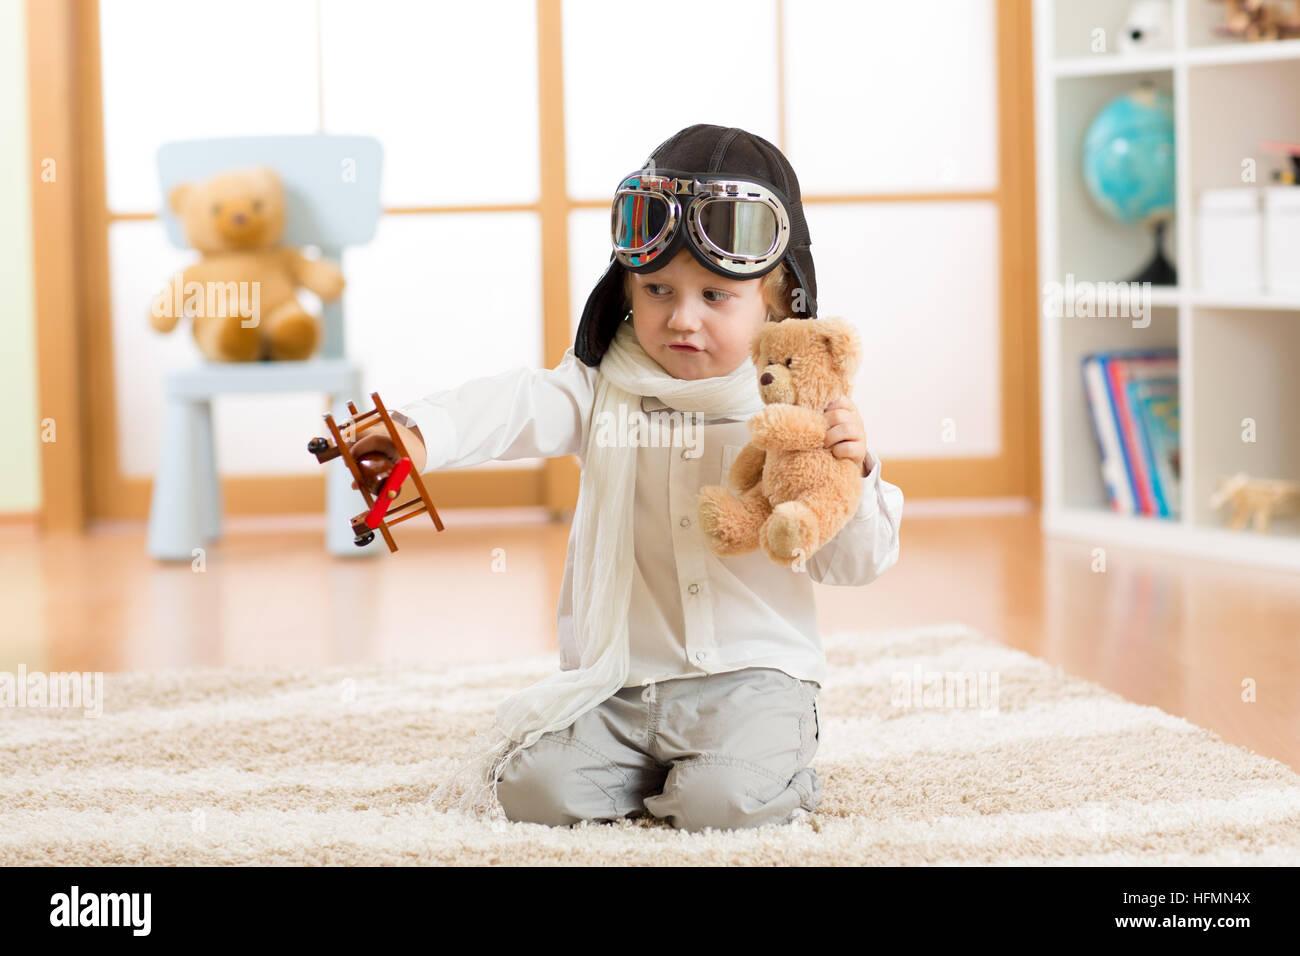 Capretto felice ragazzo gioca con aeroplano giocattolo a casa nella sua stanza Immagini Stock